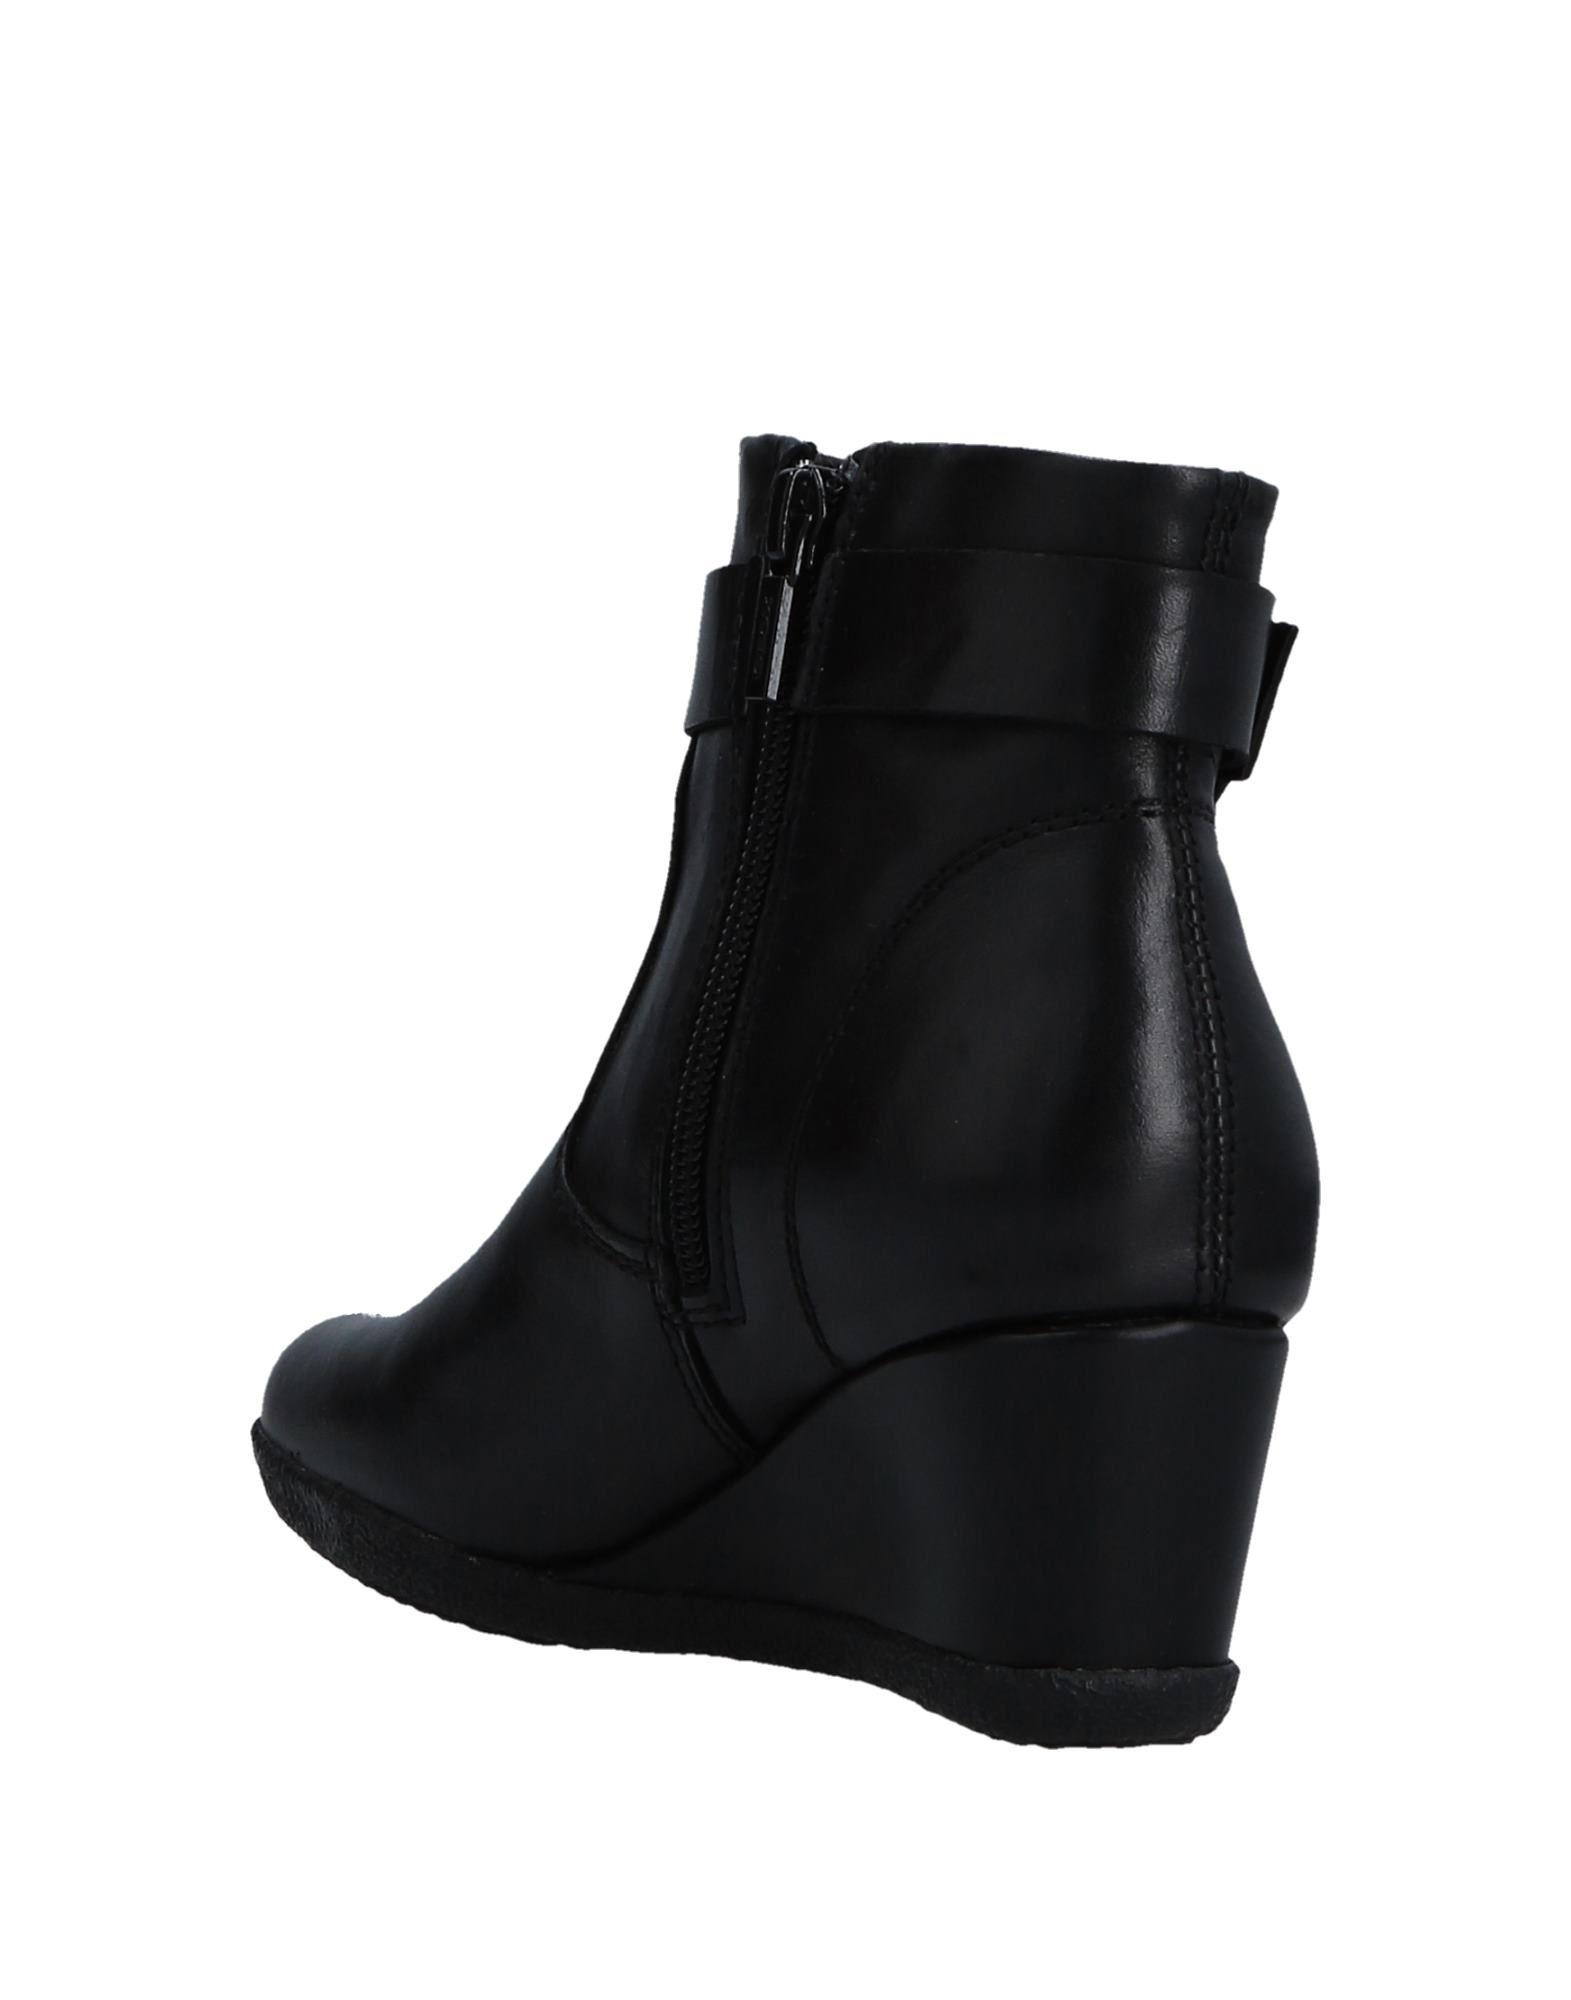 Geox Stiefelette Damen  Schuhe 11519810VL Gute Qualität beliebte Schuhe  19aed7